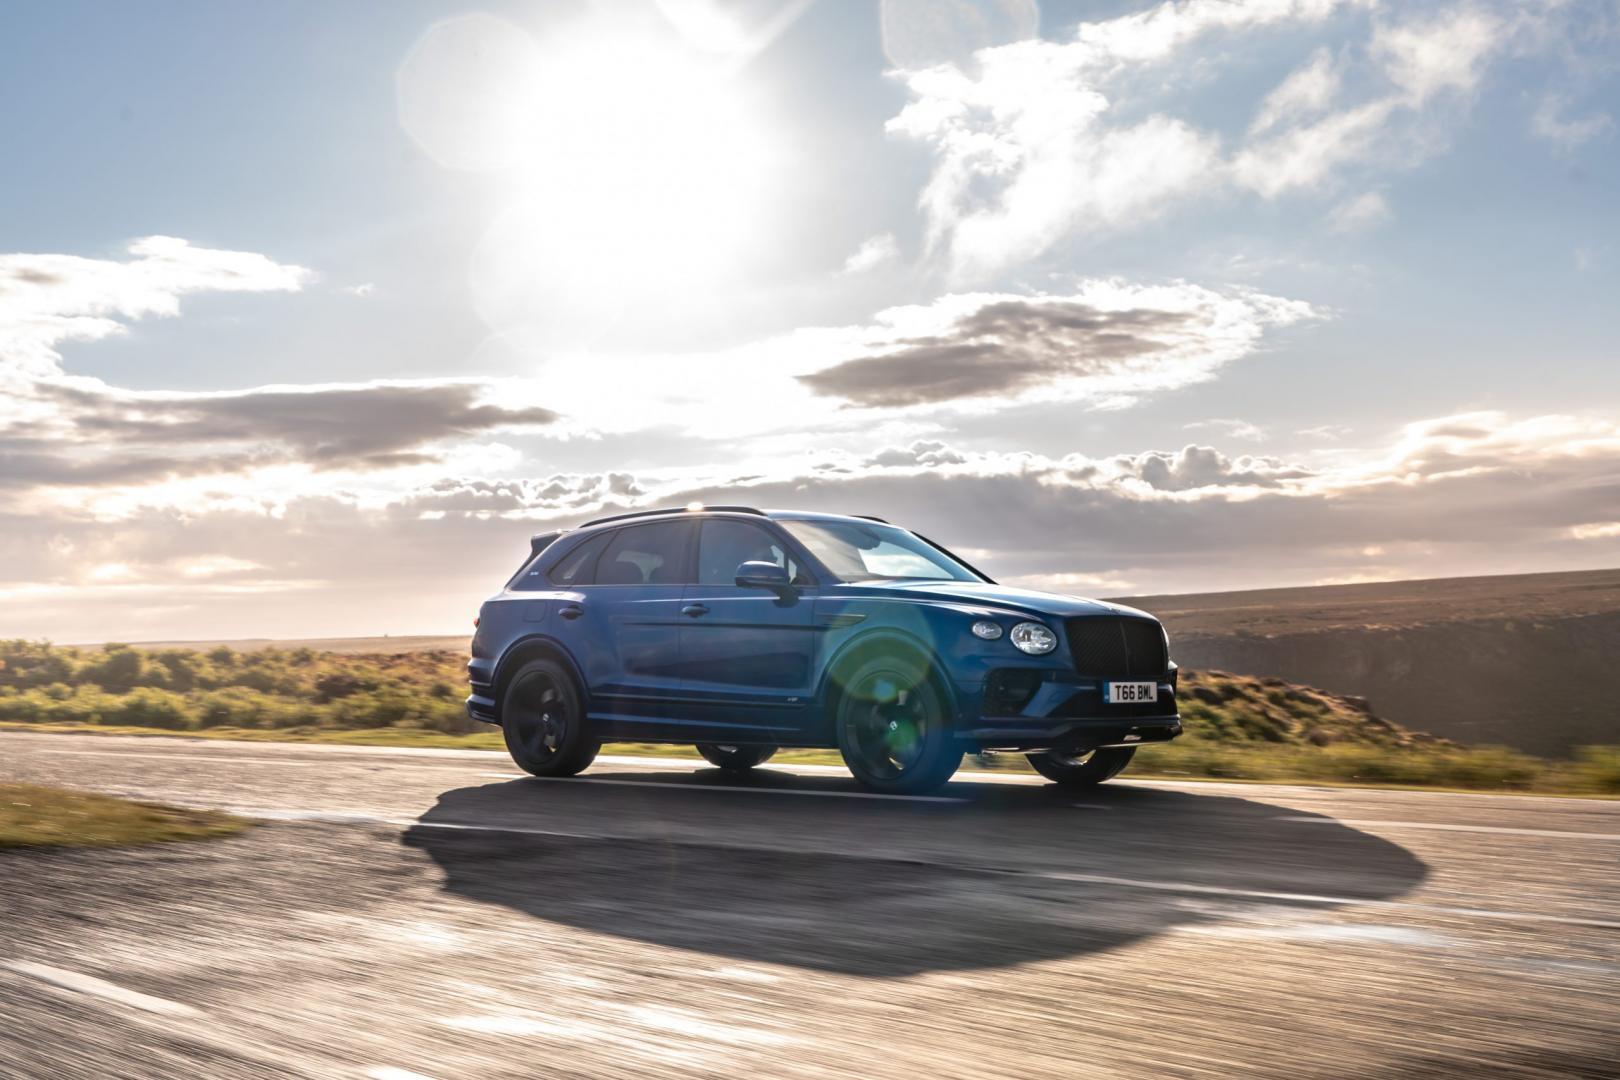 Bentley Bentayga V8 2020 in de zon en wolken